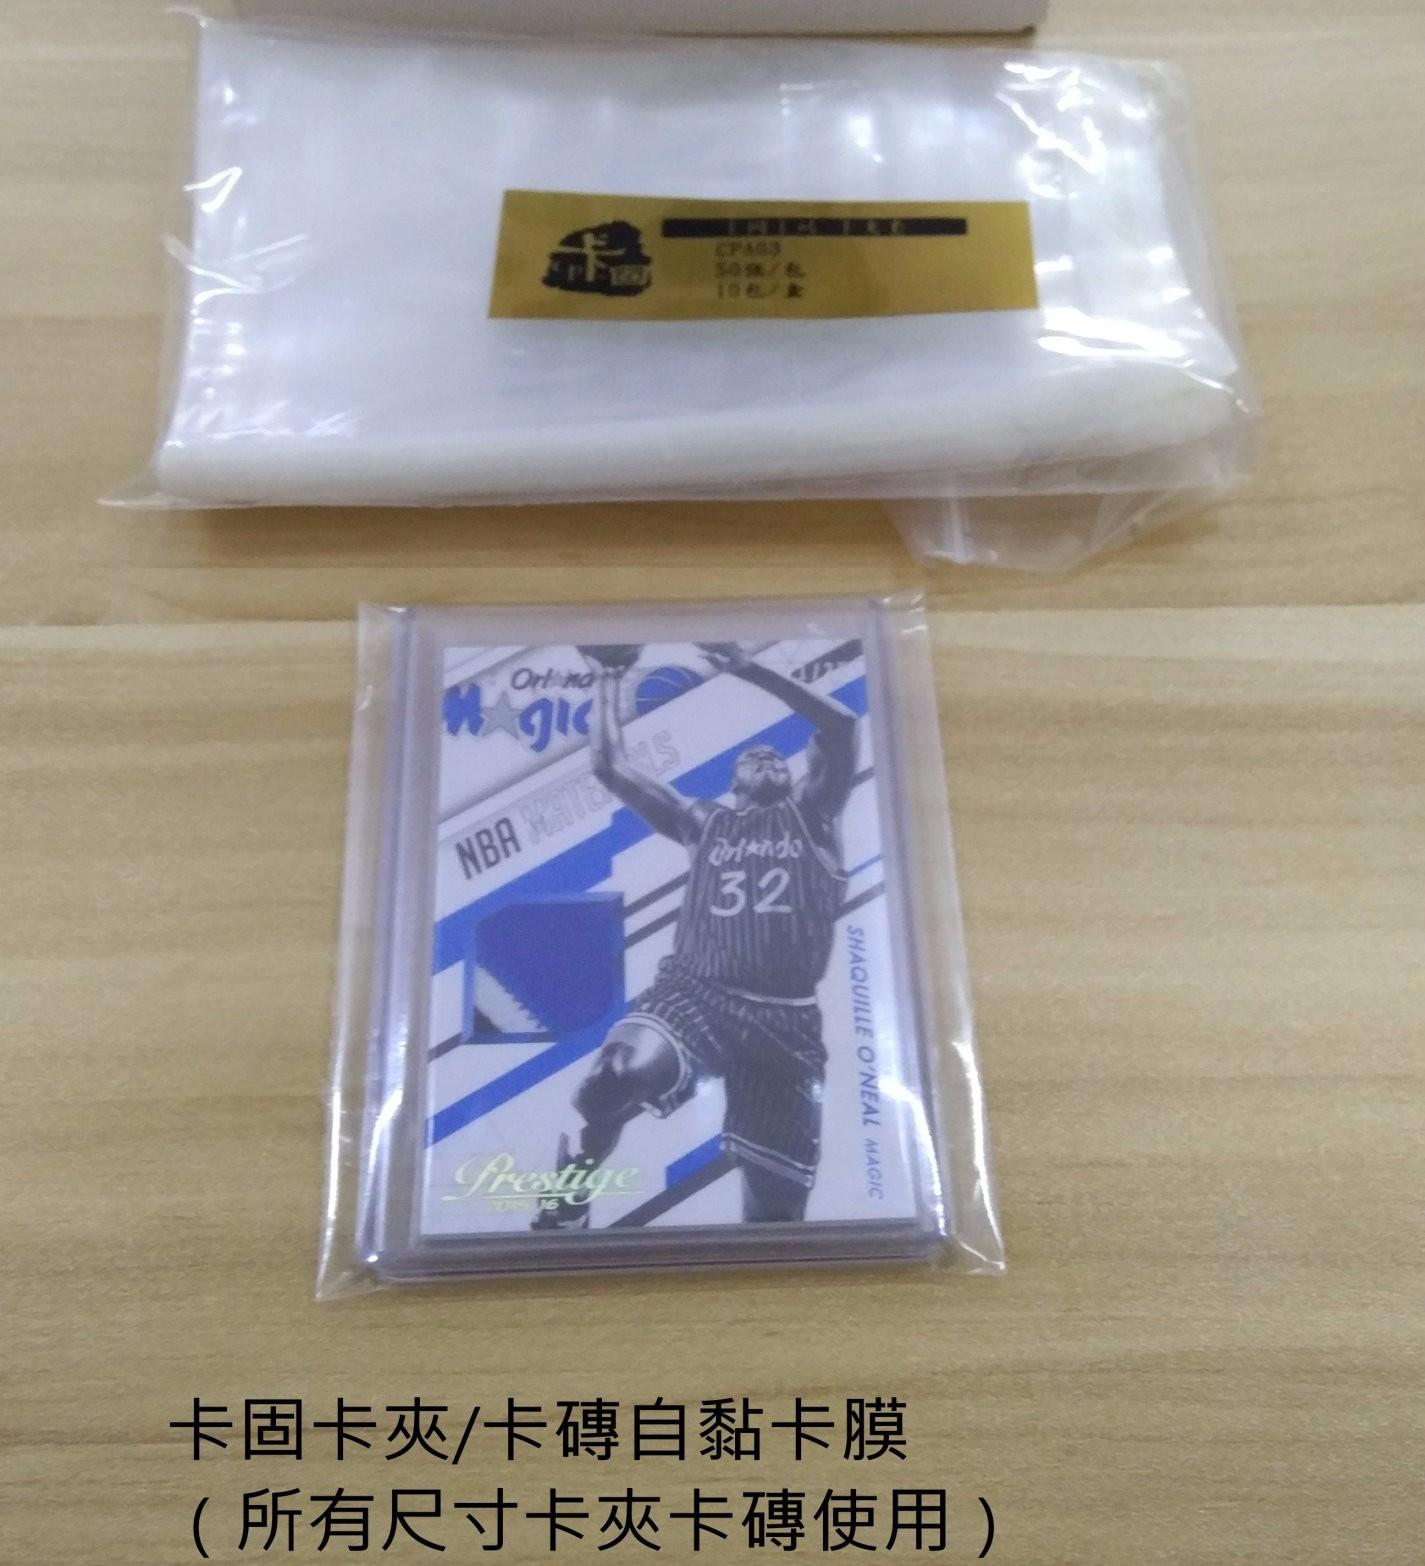 【卡固】CPA03 卡砖 卡夹套 50张/包*10包一盒